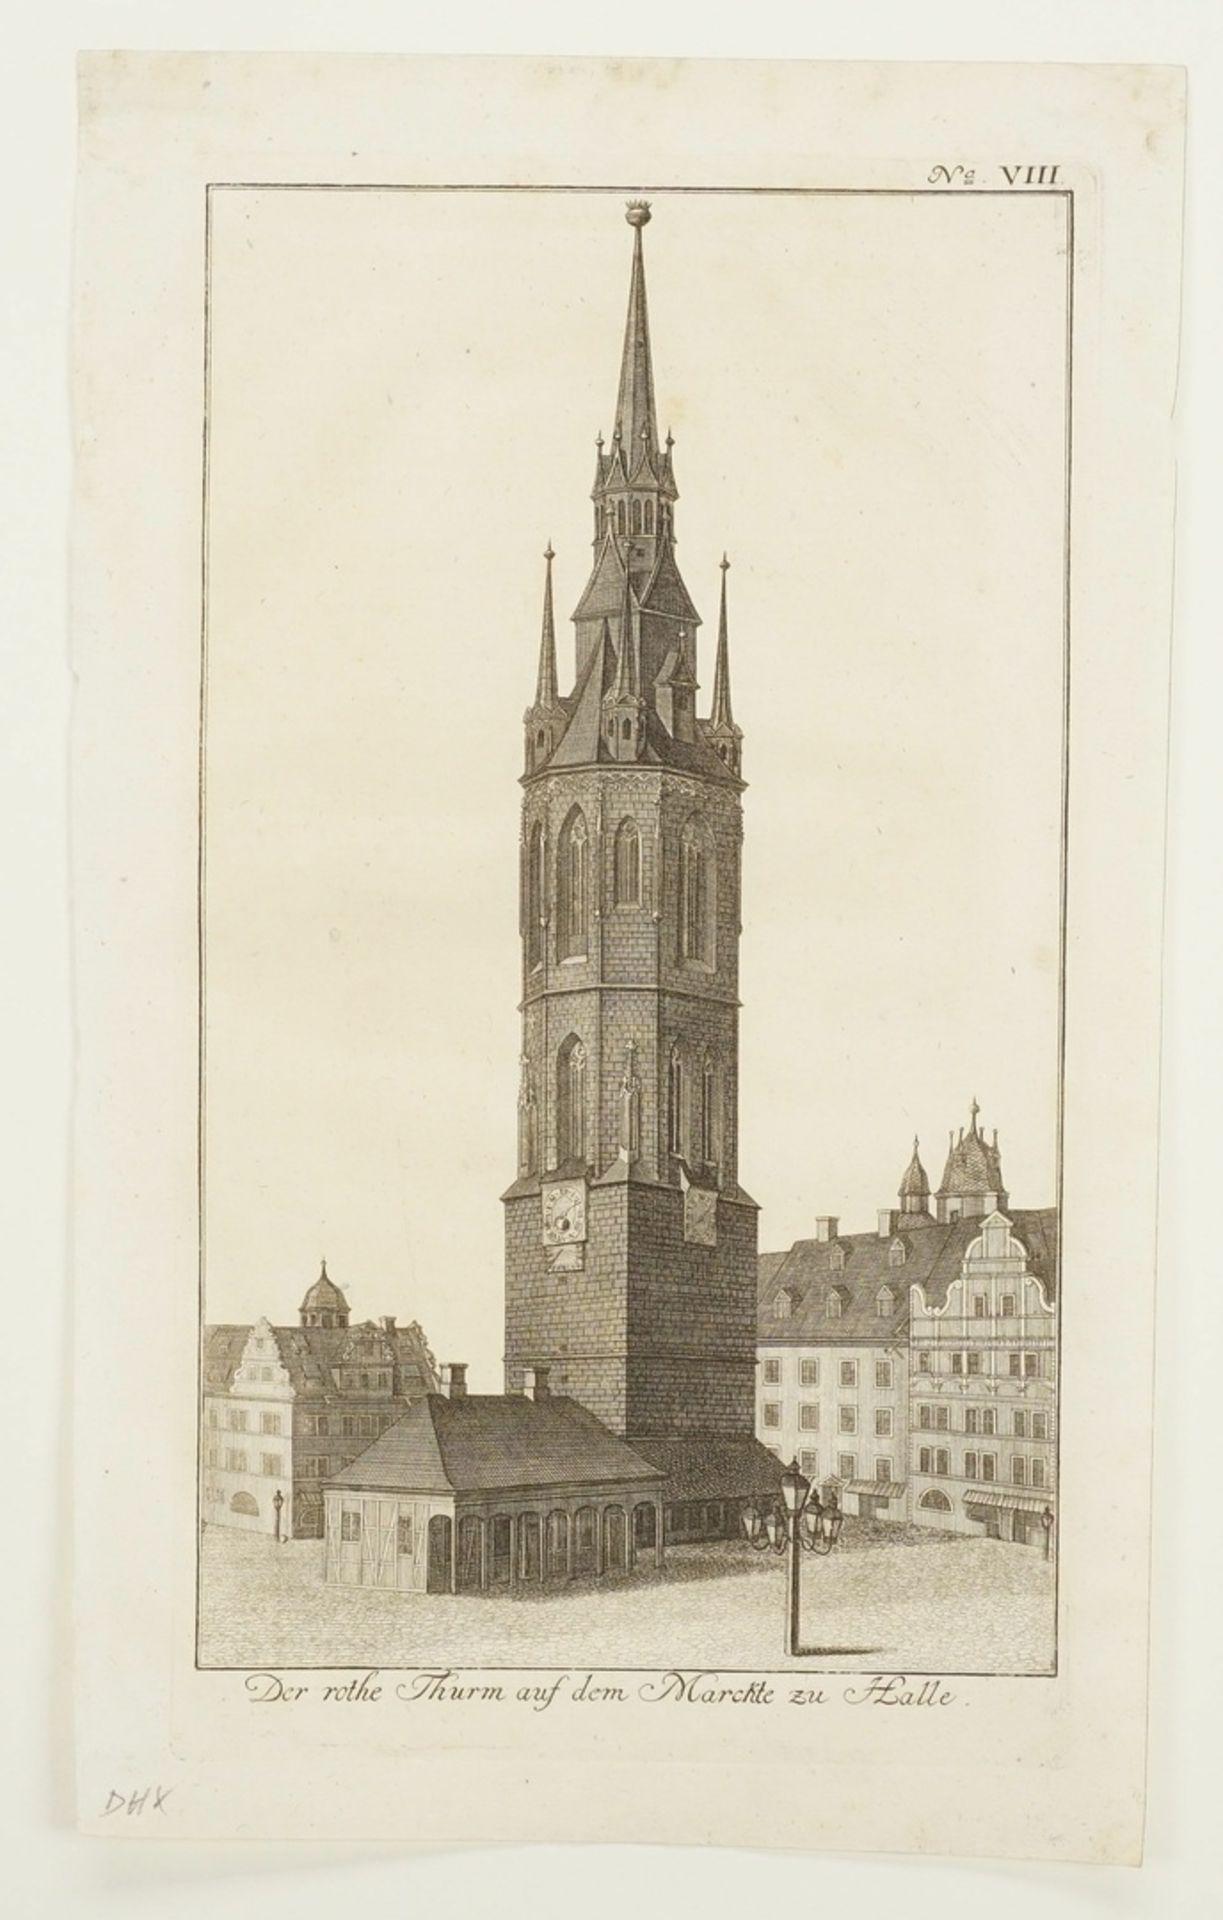 Johann Gottfried Krügner der Jüngere, Drei herausragende Bauwerke der Stadt Halle/Saale - Bild 3 aus 4